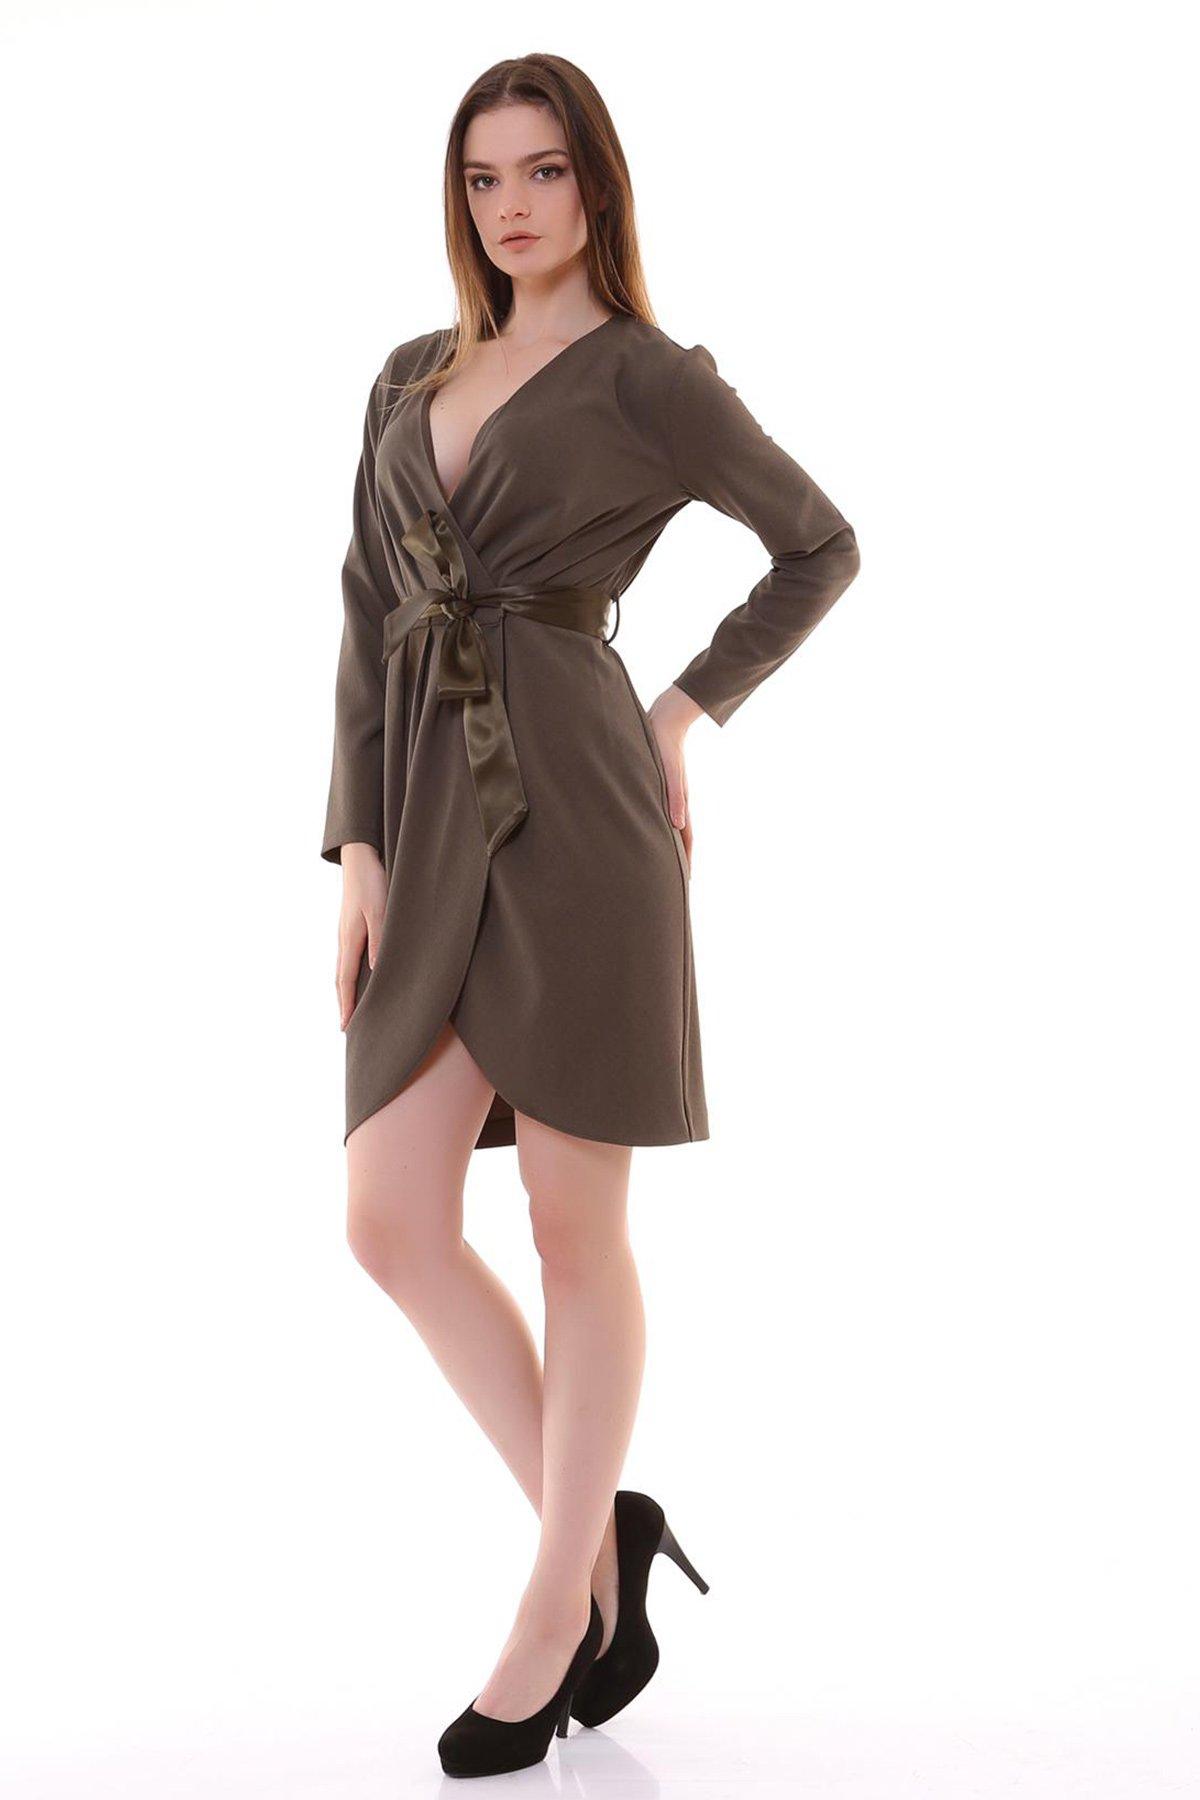 Machek Kadın  Elbise 5452